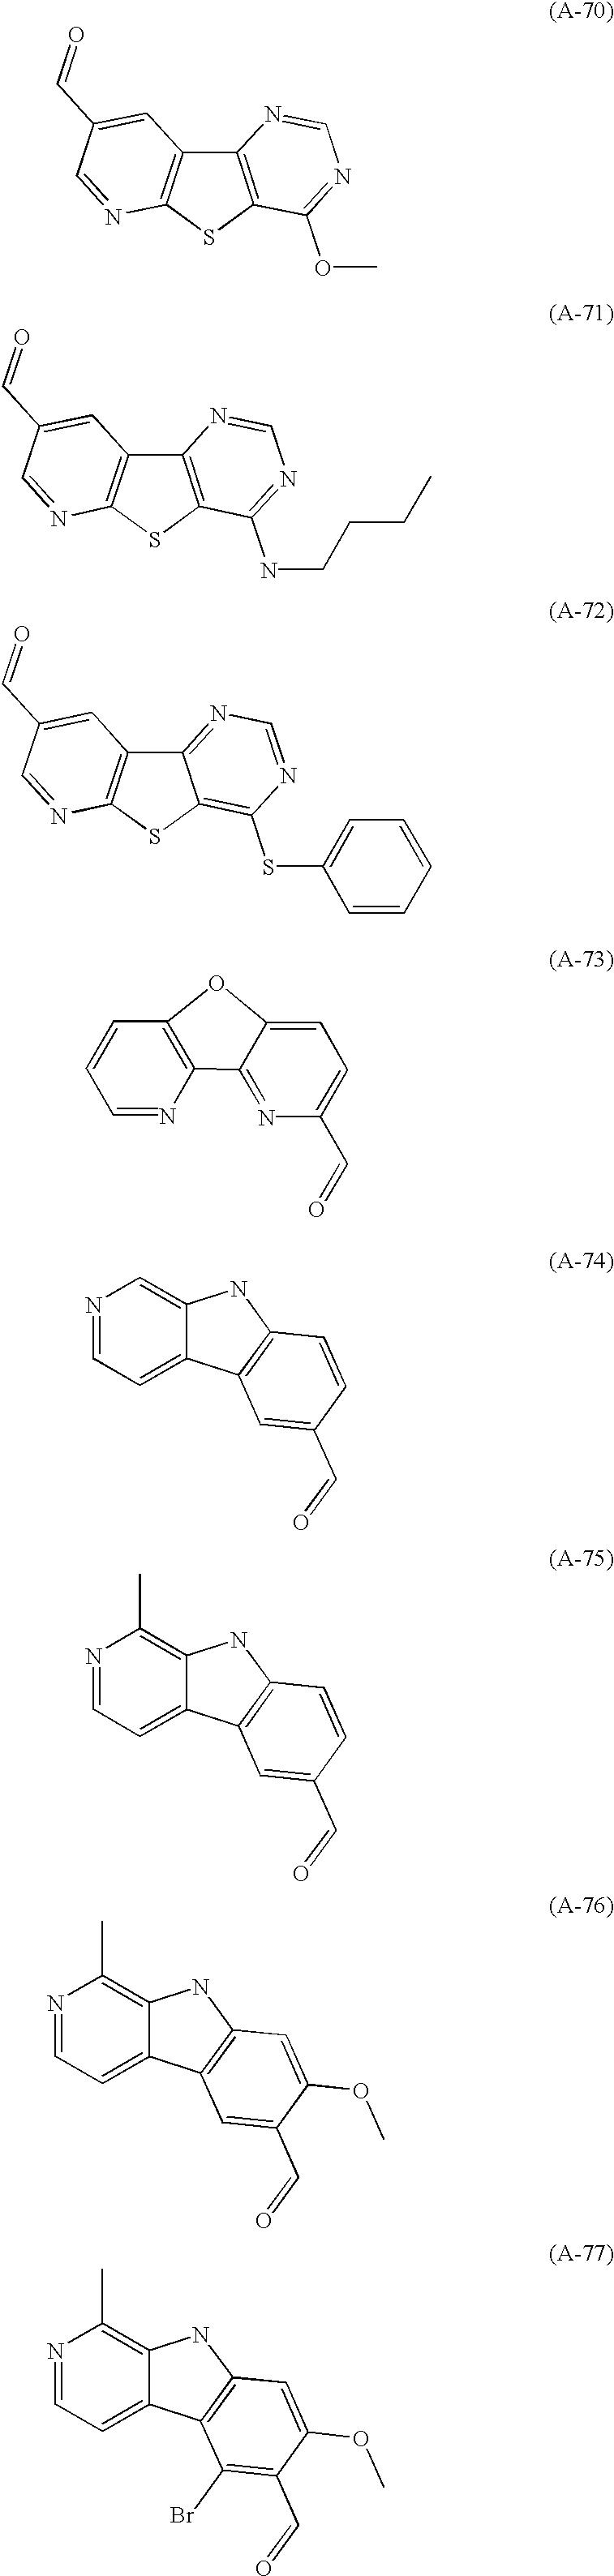 Figure US20030203901A1-20031030-C00027